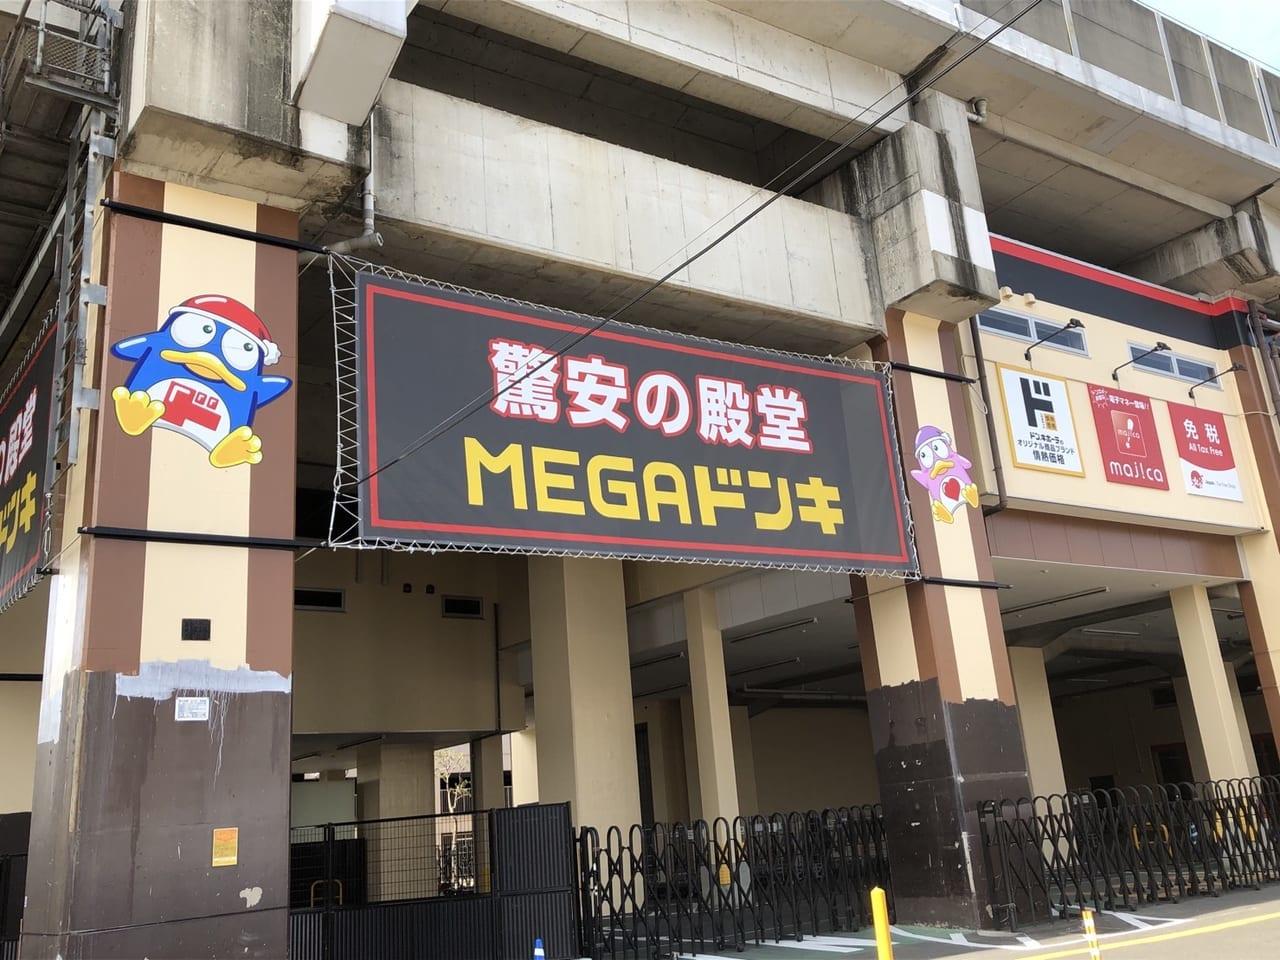 MEGAドン・キホーテ_武蔵浦和店の外壁